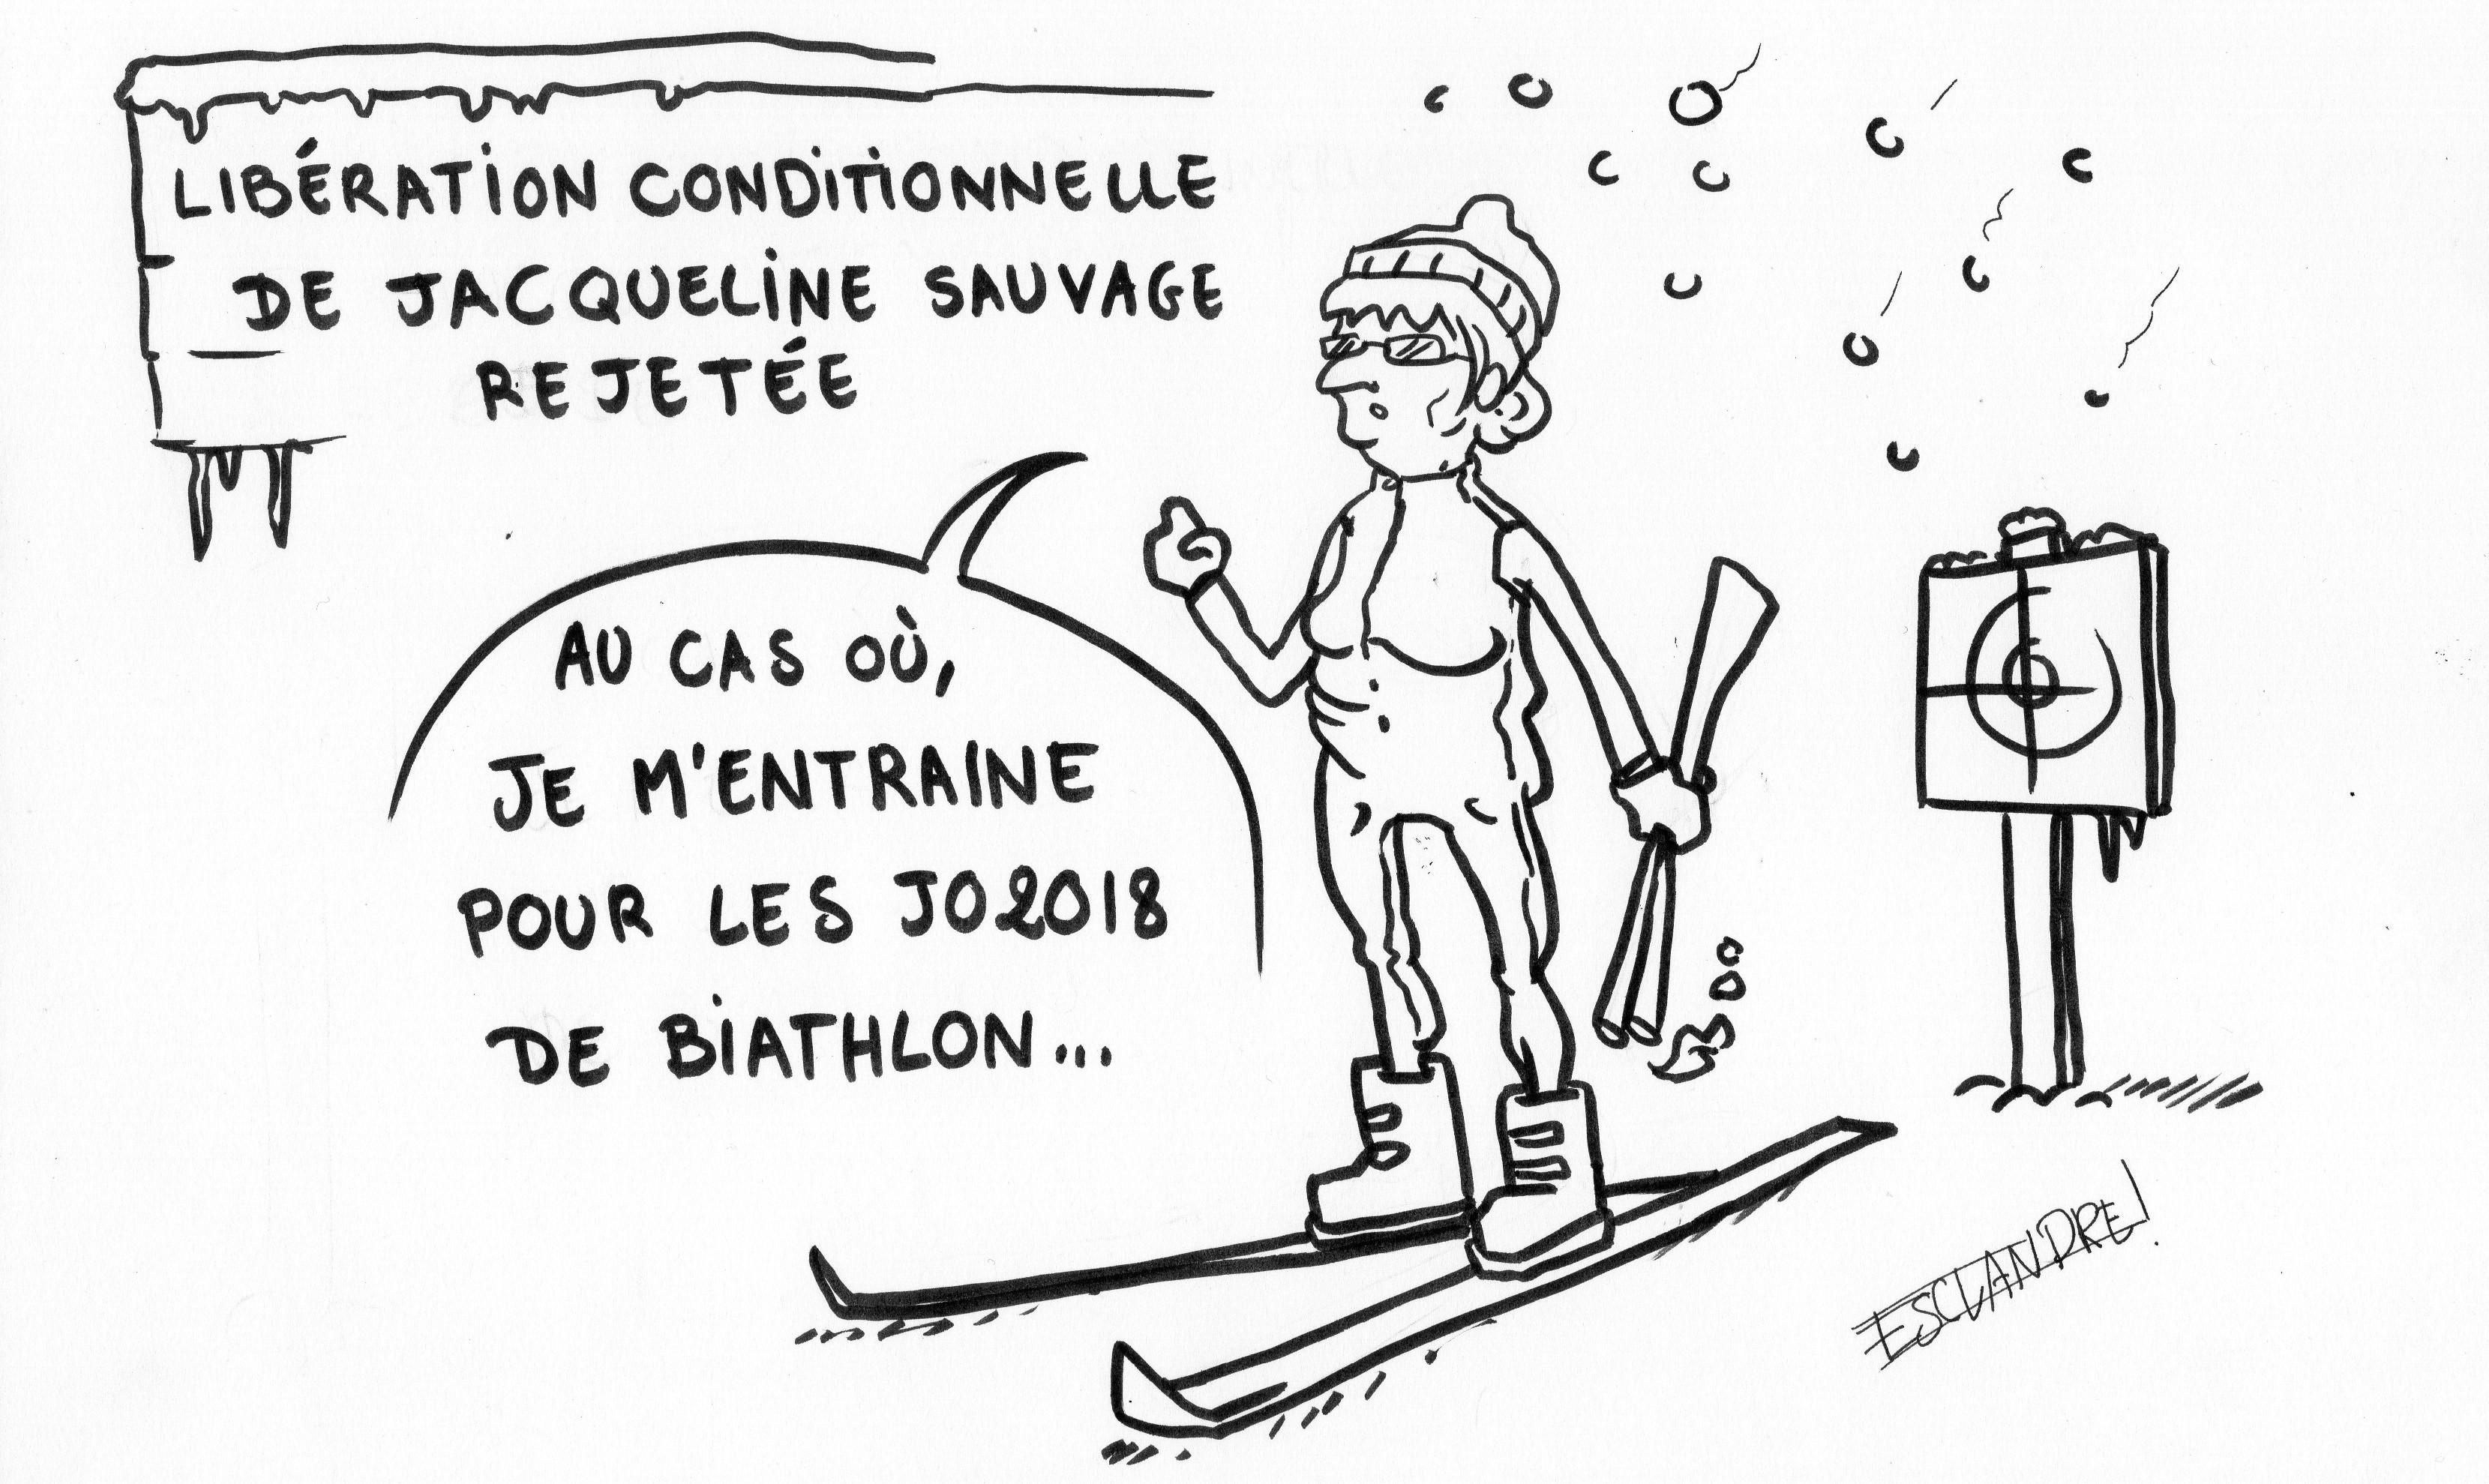 Libération conditionnelle de Jacqueline Sauvage rejetée